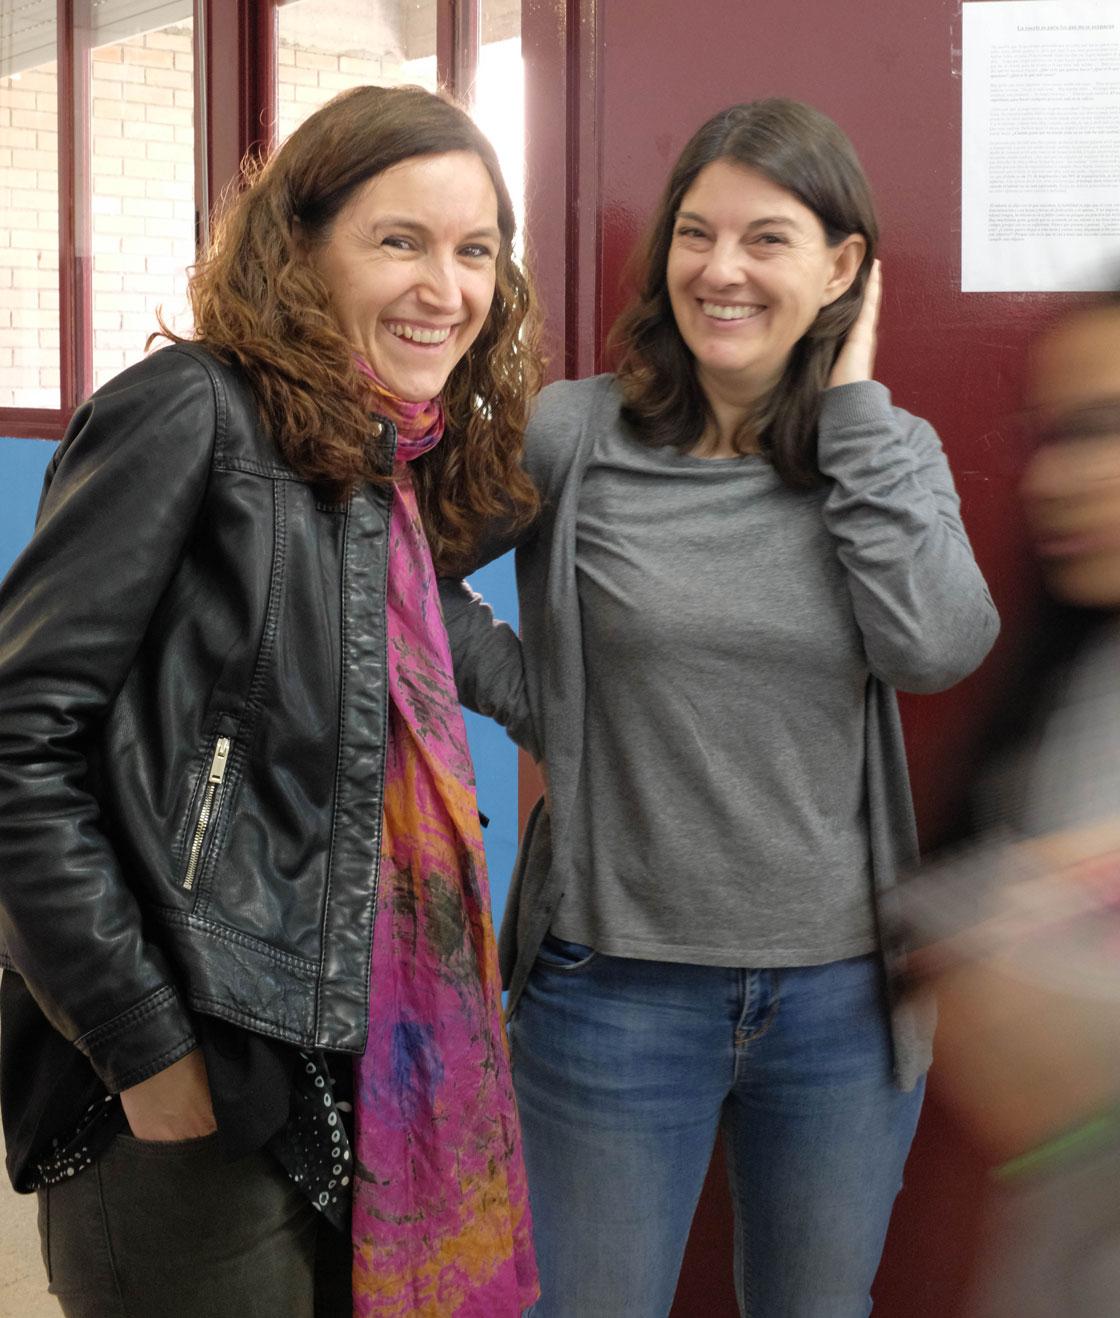 Skolans rektor Raquel Garcia Sevilla (t.h.) tillsammans med professor Teresa Sorde Marti från Universitat Autònoma de Barcelona (t.v.).